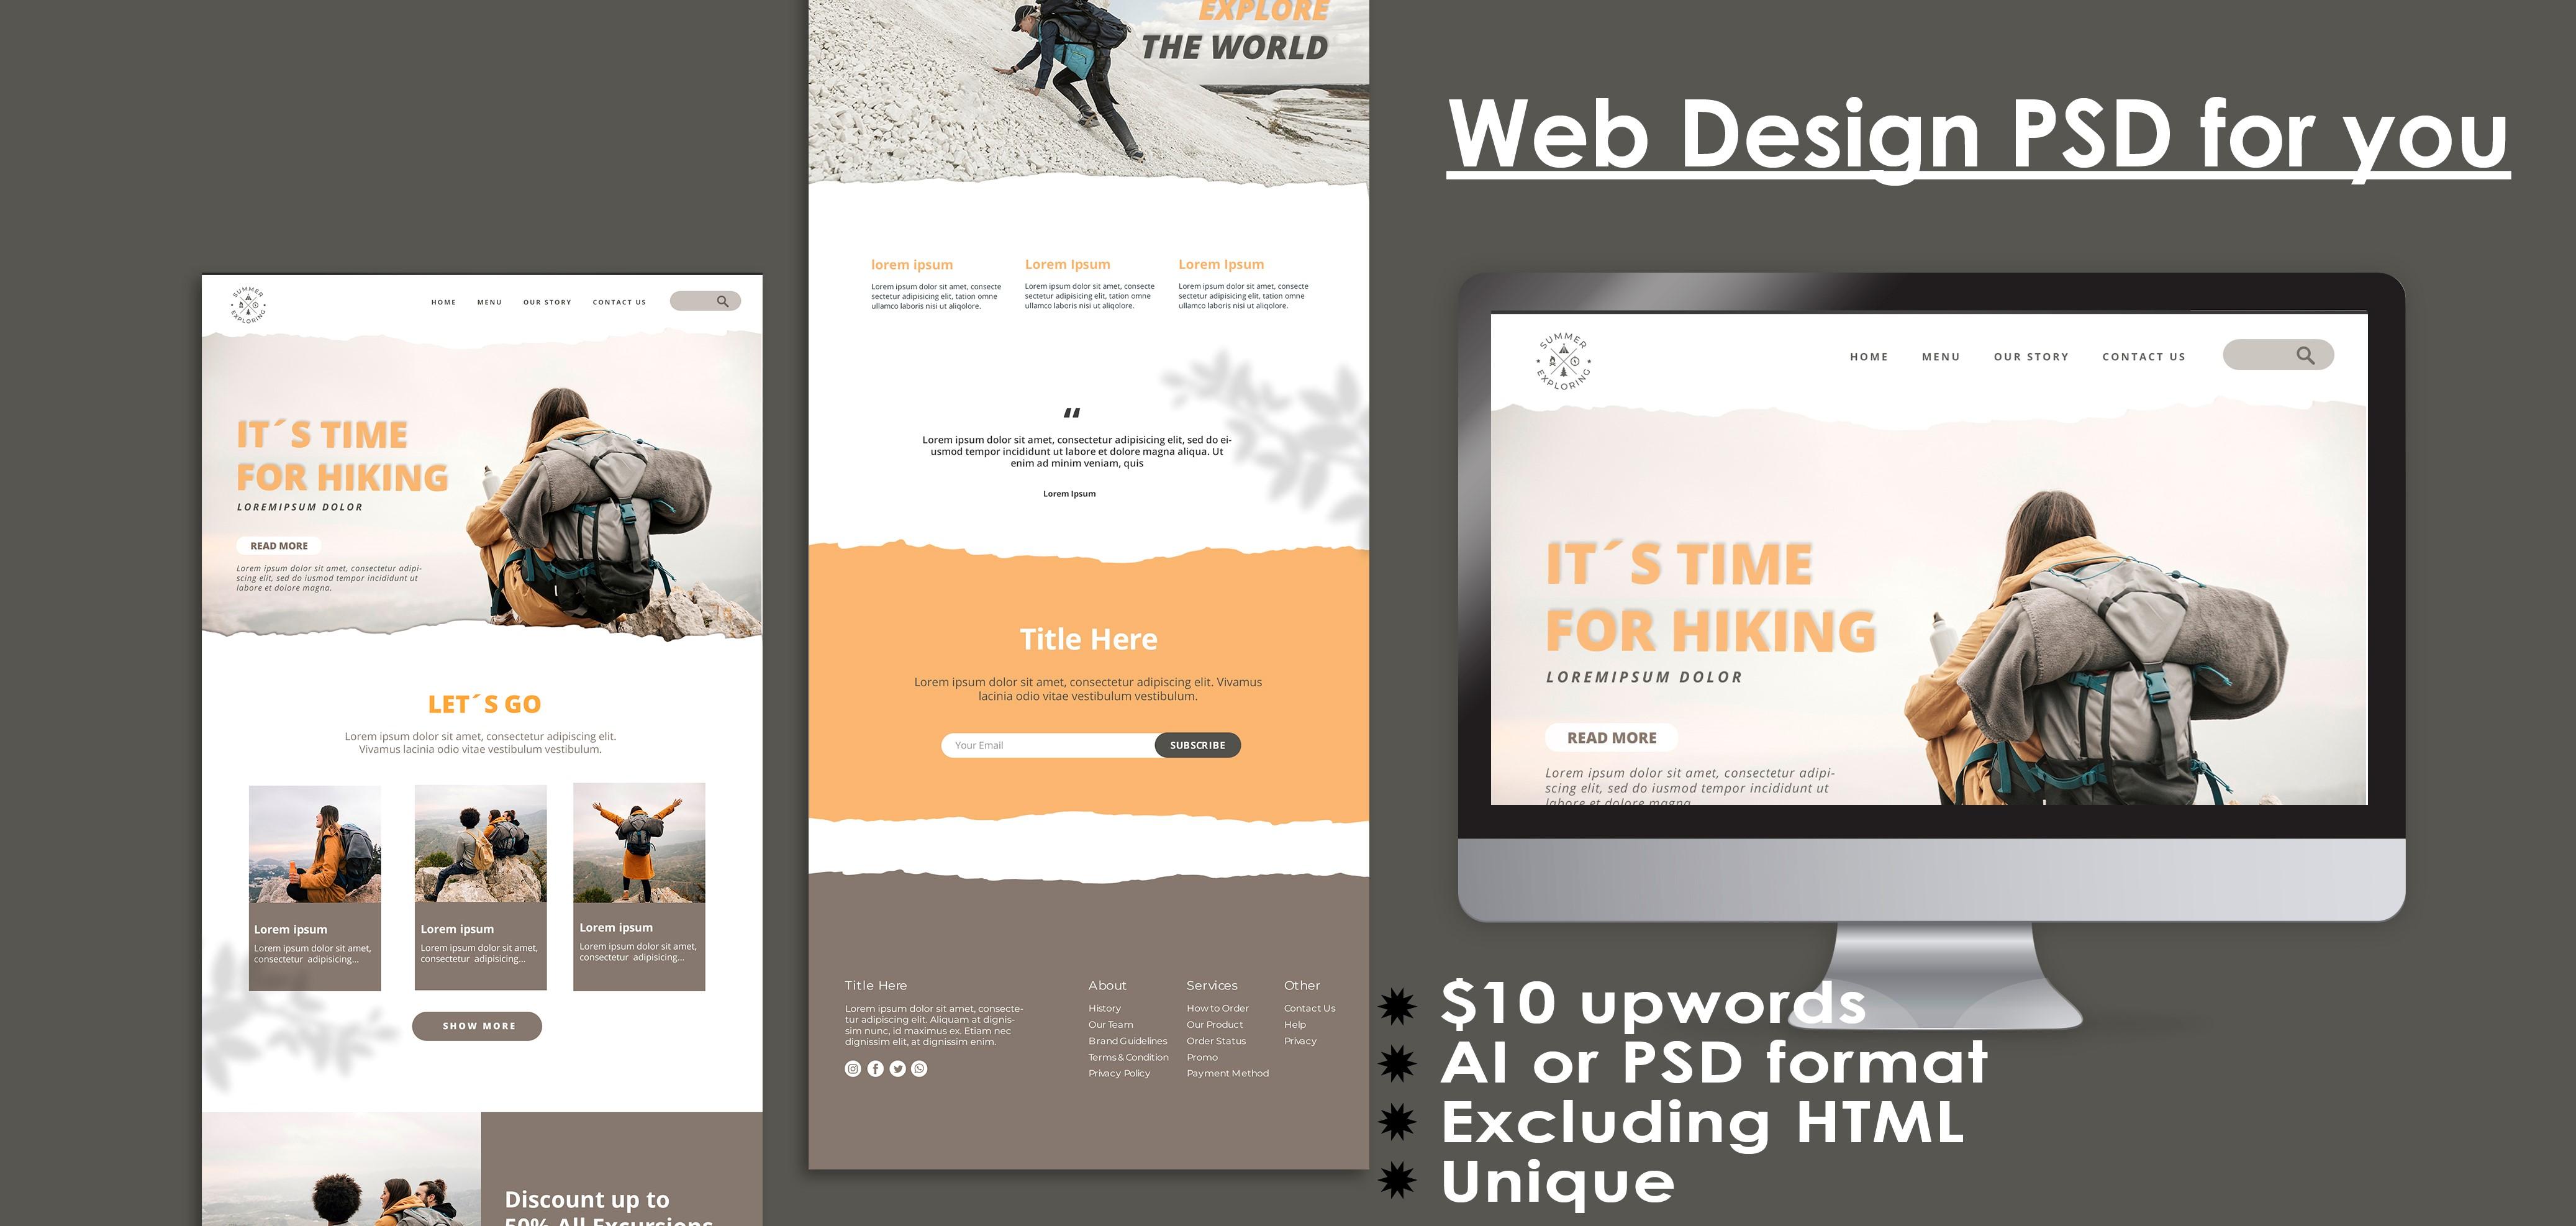 Design web site template or website PSD